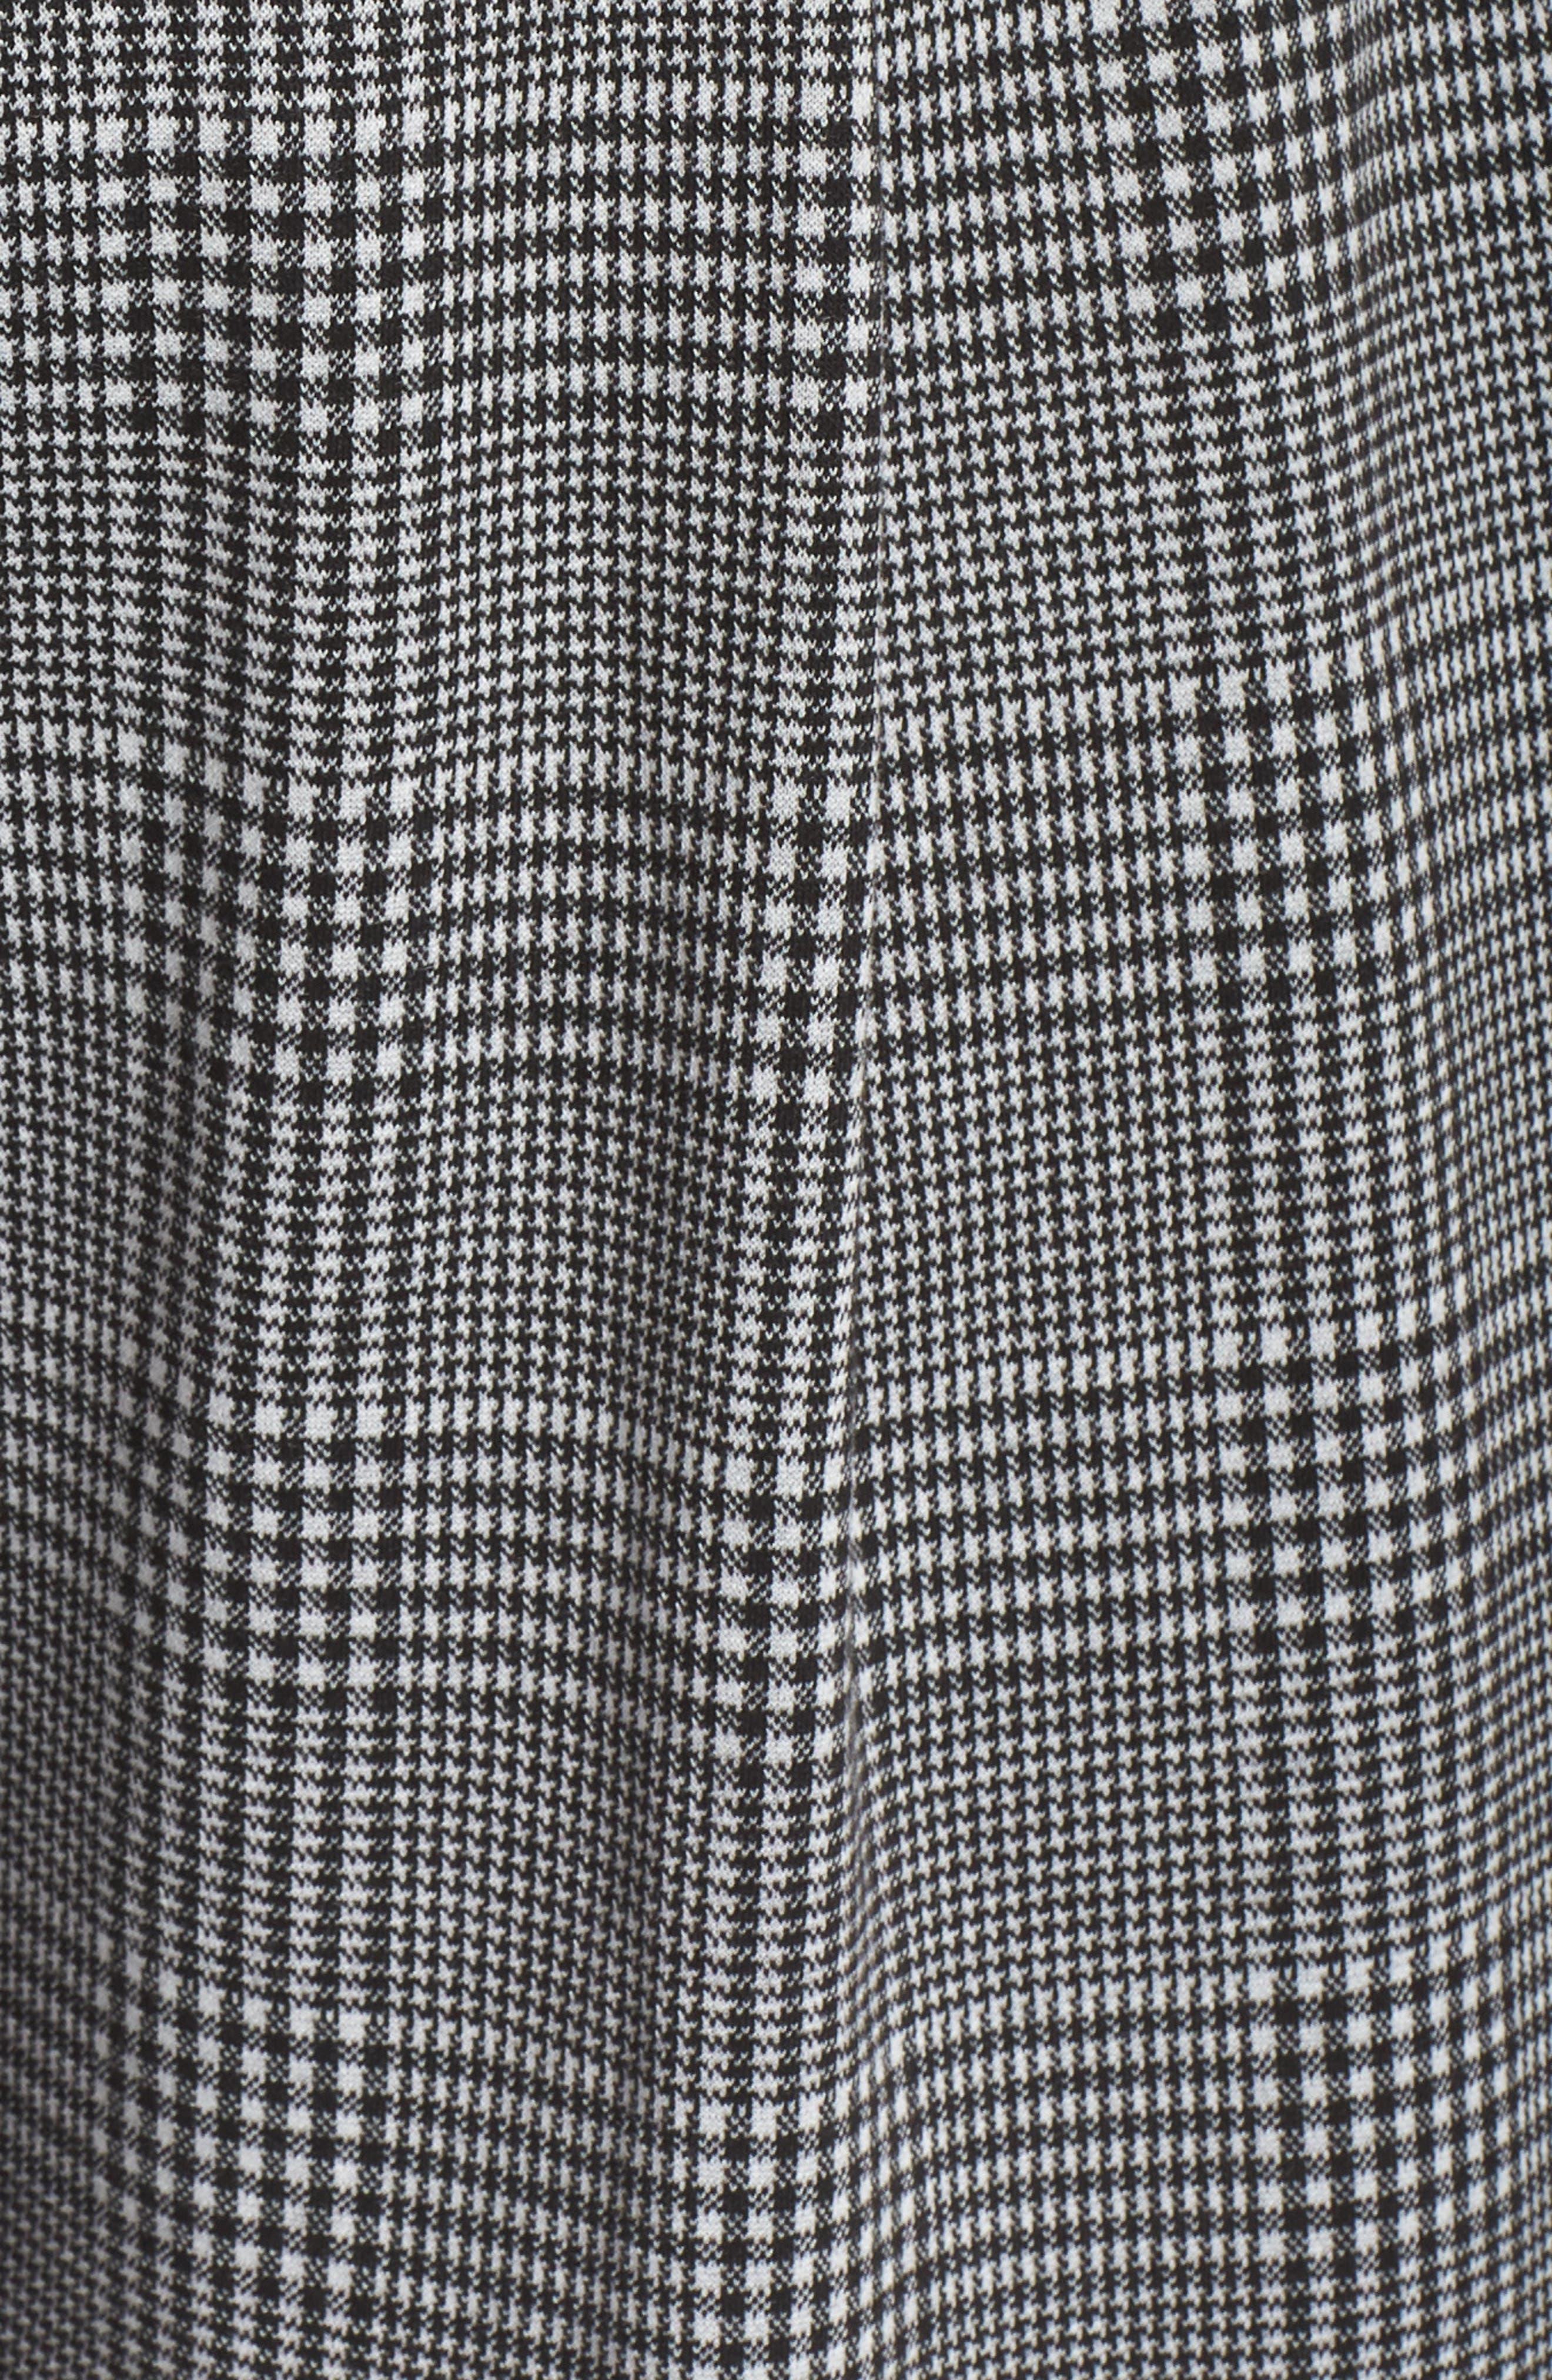 Glen Plaid Jumpsuit,                             Alternate thumbnail 12, color,                             BLACK- WHITE DELIA PLAID